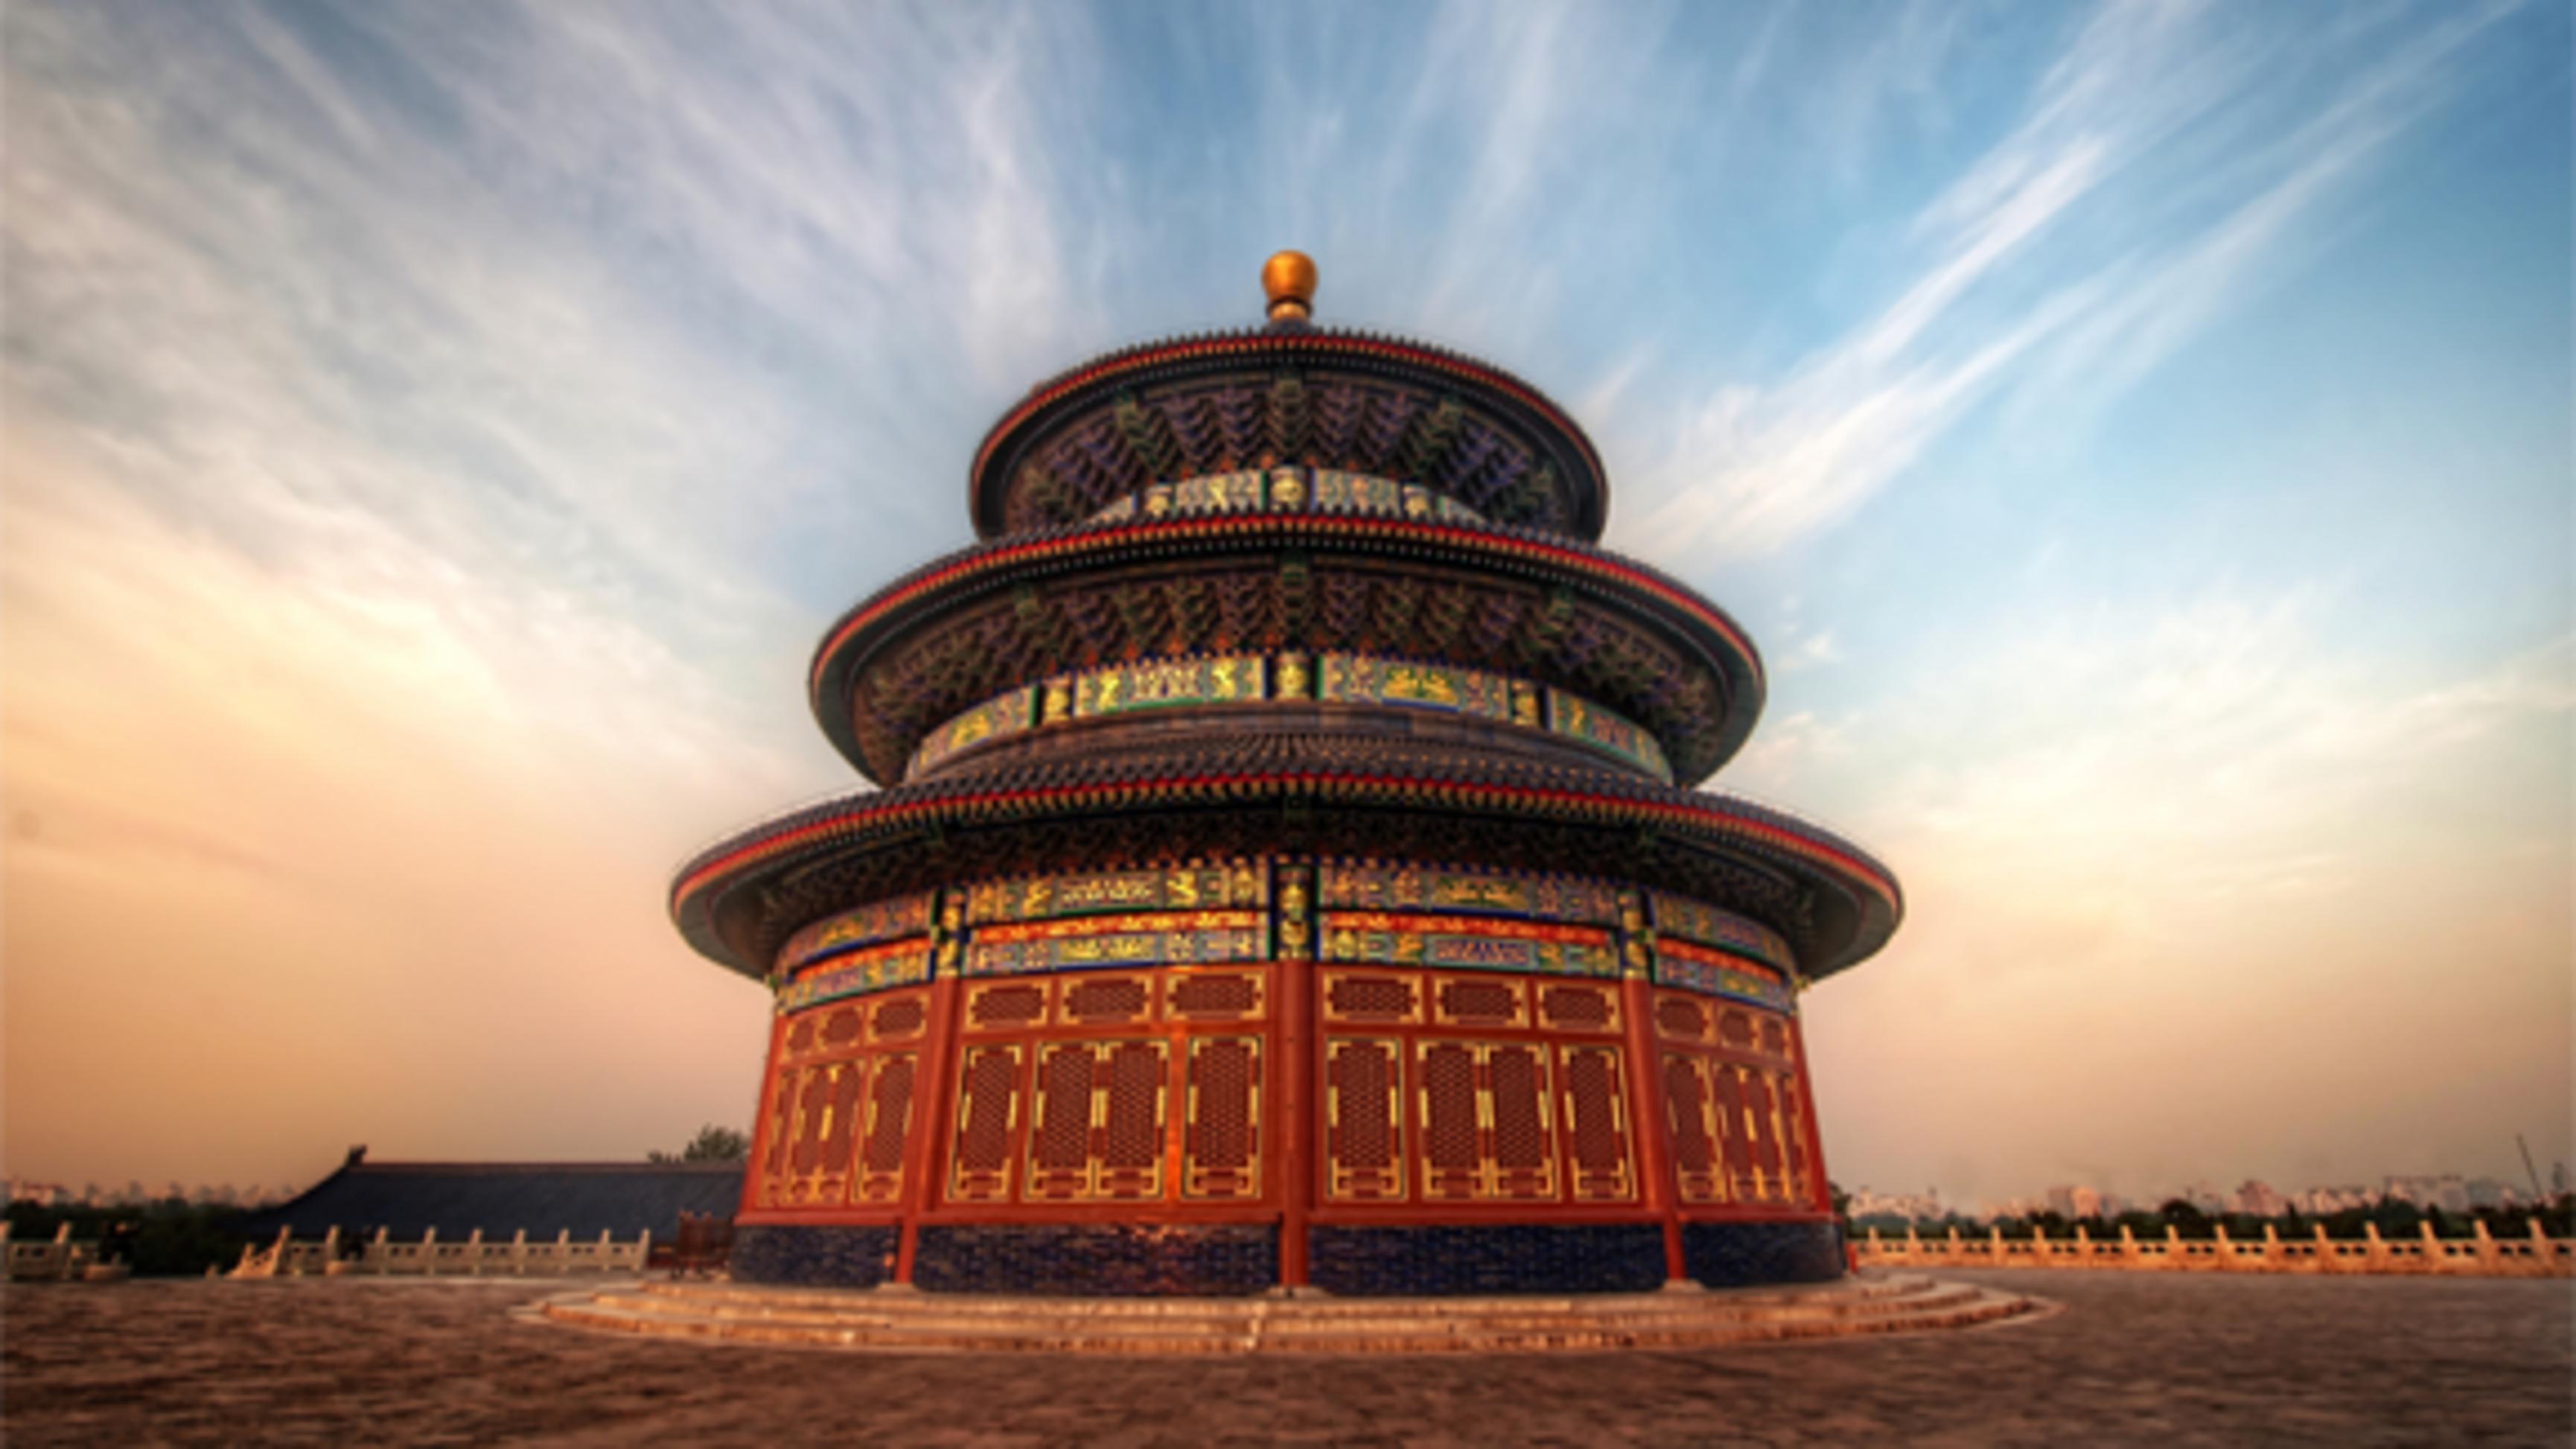 """สัมผัสความยิ่งใหญ่ของ """"กำแพงเมืองจีน""""  ถ่ายรูปสไตล์ชิคๆ คลูๆ 5 วัน 3 คืน"""